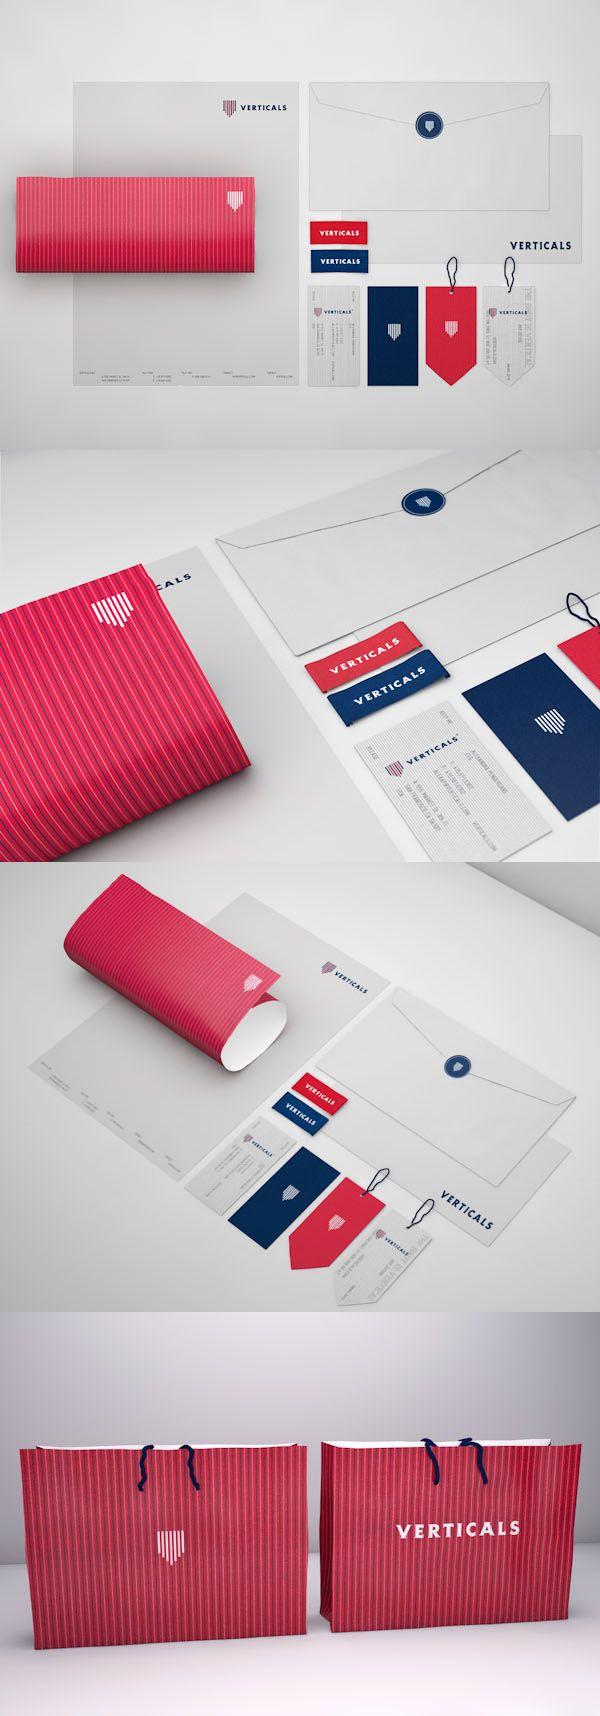 Verticals – identité d'une marque de vêtement - Robinsson Cravents (Colombie)